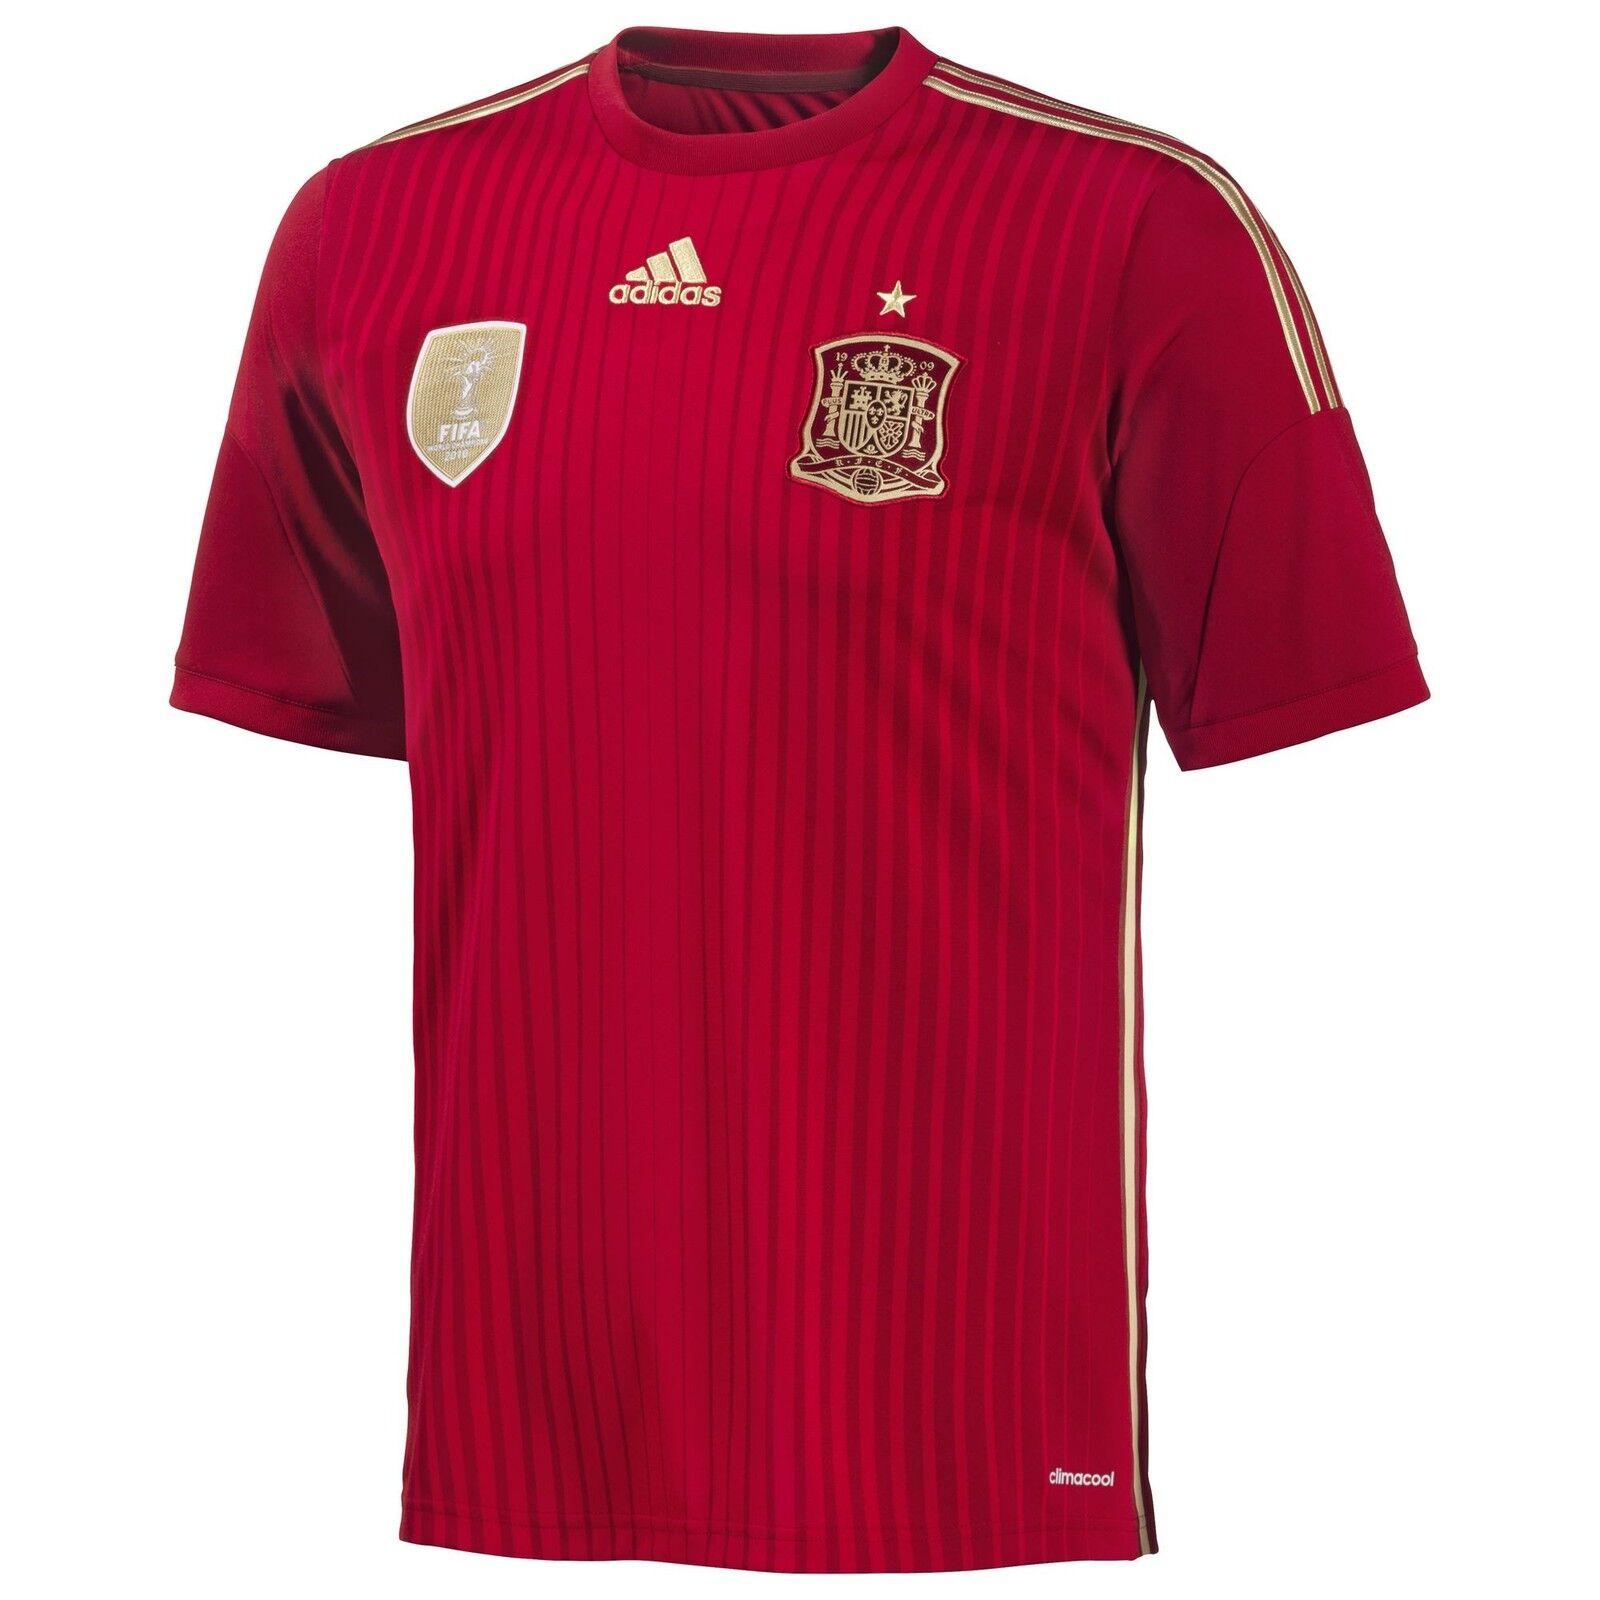 Spanien adidas Heim Trikot Home Jersey Spain Fußball España G85279 S-2XL neu --    | Ausgang